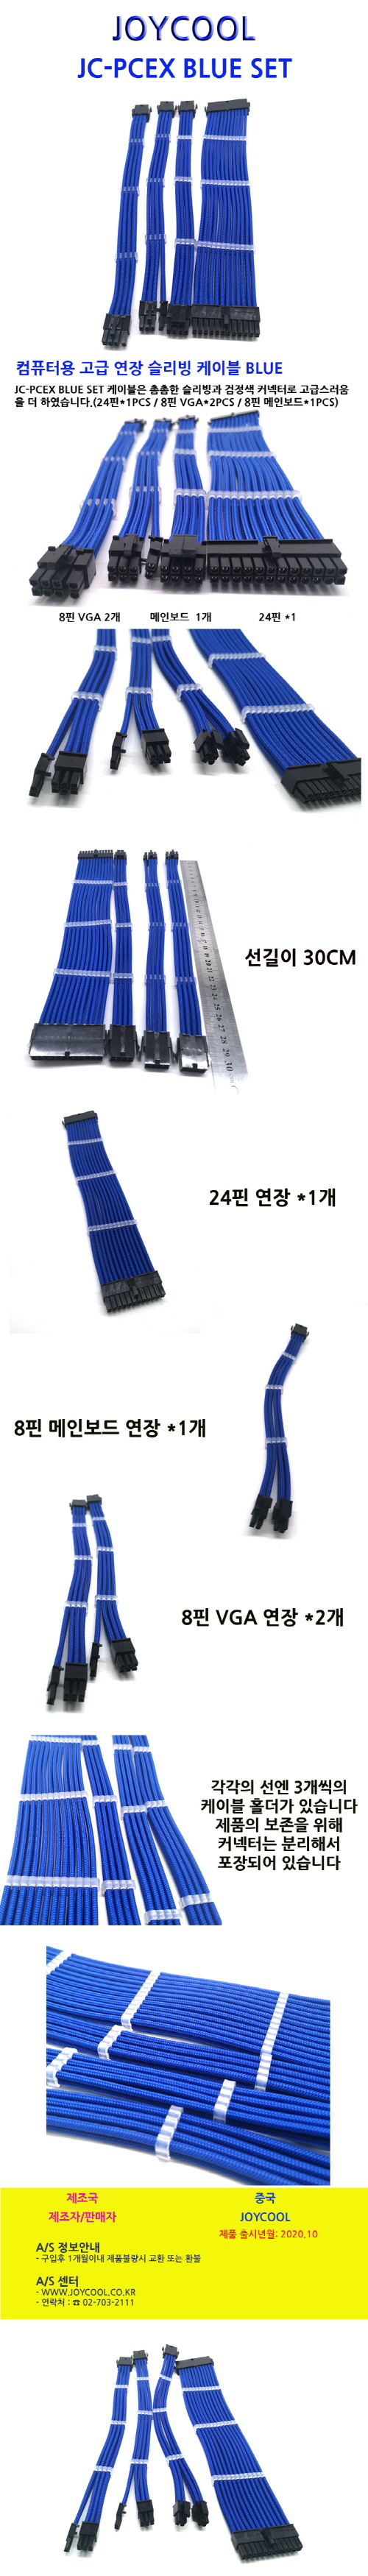 조이쿨 컴퓨터용 고급 연장 슬리빙 케이블 BLUE (JC-PCEX BLUE SET, 0.3m)